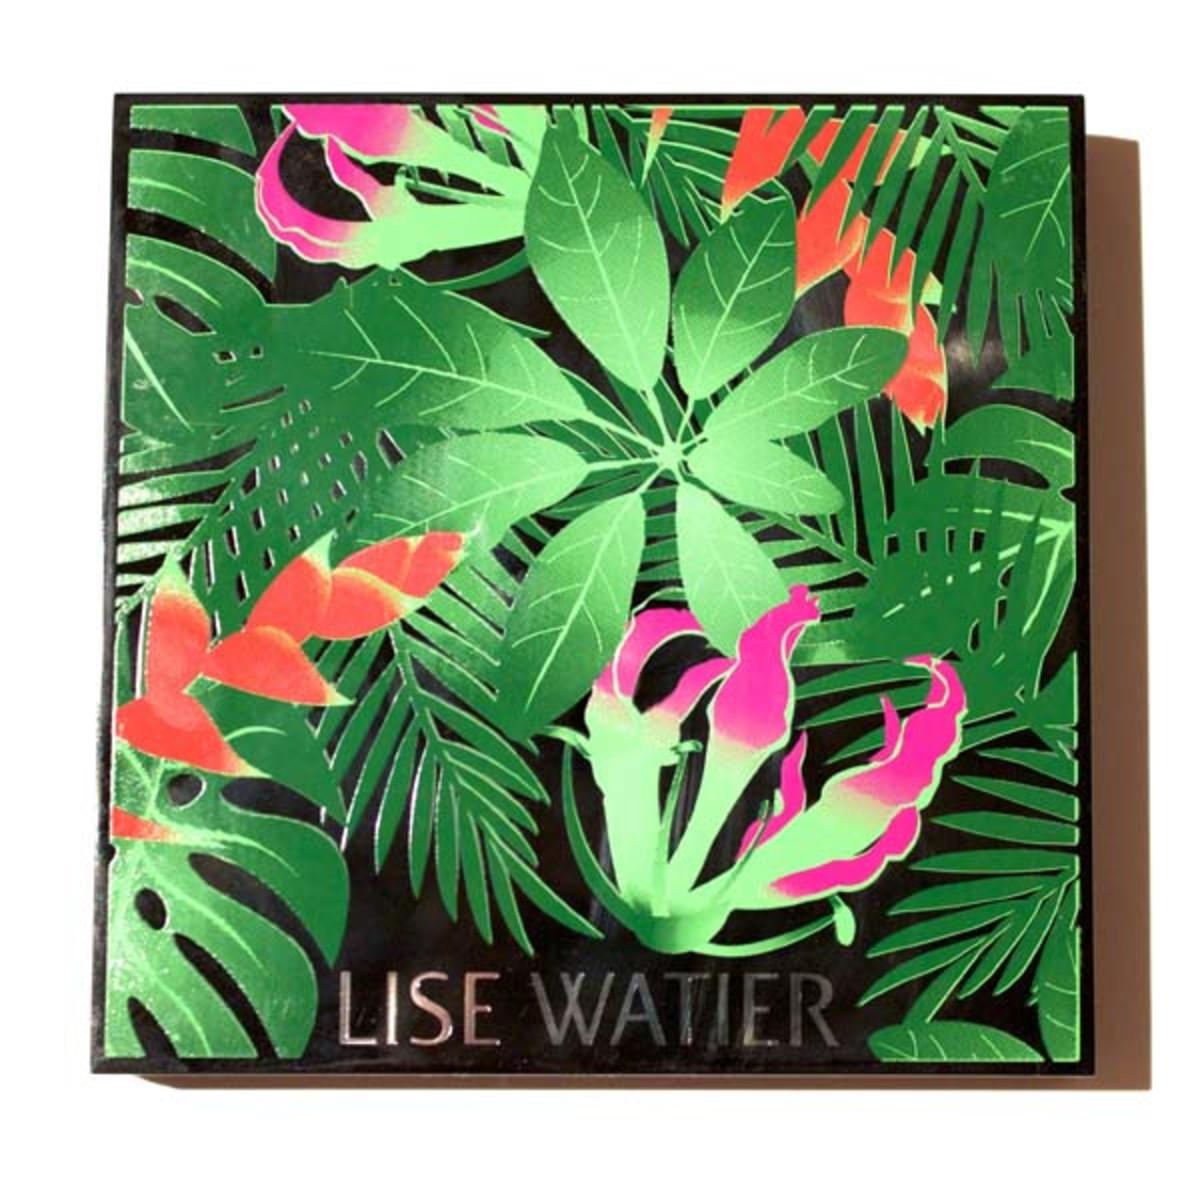 Lise Watier Summer 2014